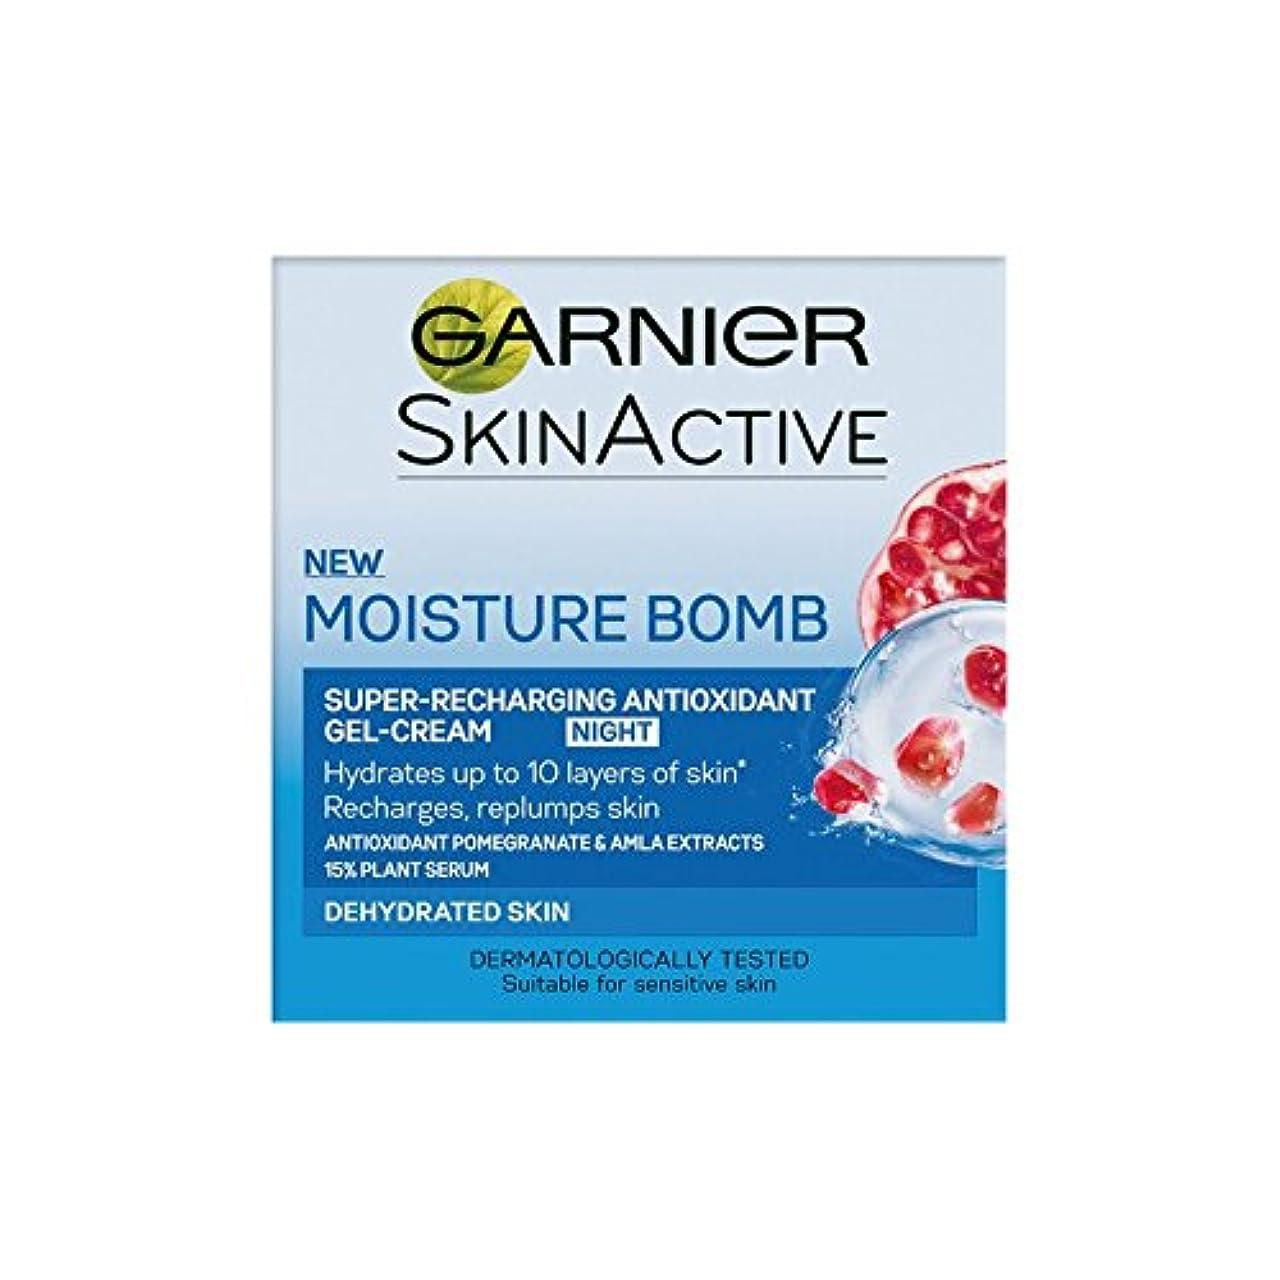 概して記念日配列ガルニエ水分爆弾超充電夜のゲルクリーム(50ミリリットル) x4 - Garnier Moisture Bomb Super-Recharging Night Gel-Cream (50ml) (Pack of 4) [...